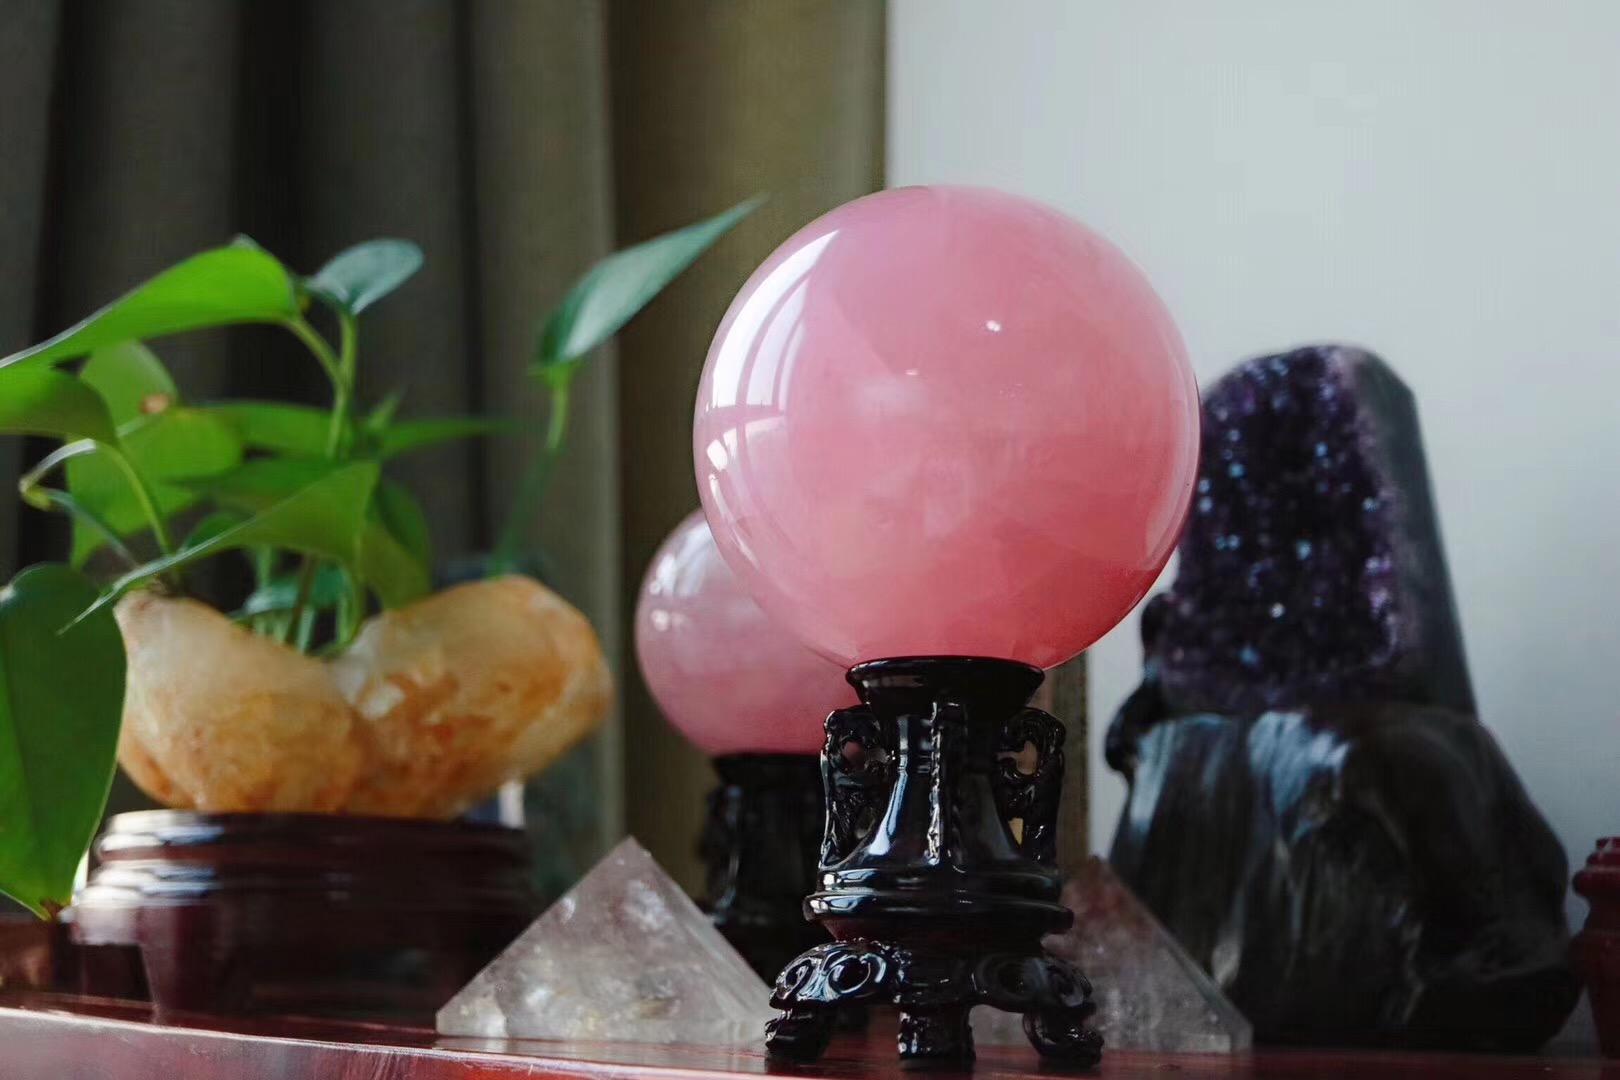 【粉晶球】原来爱与恨,也可以云淡风轻-菩心晶舍